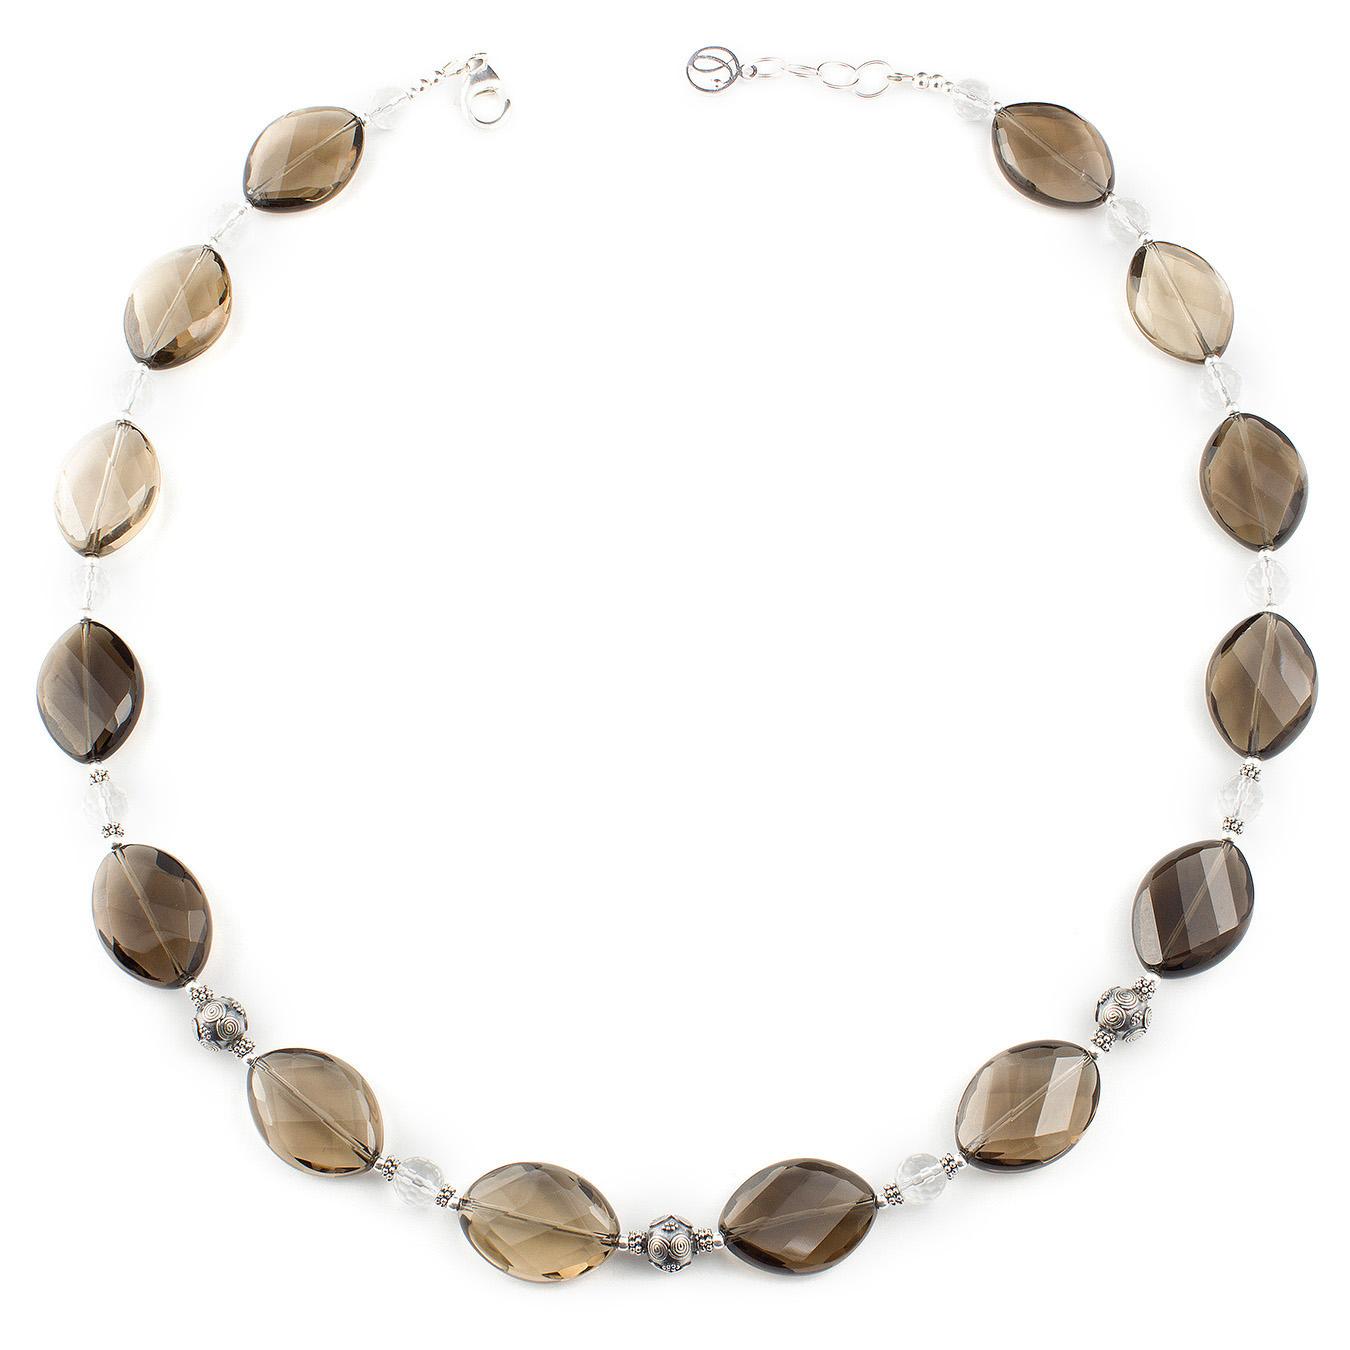 Customized semi-precious gemstone necklace using citrine and smoky